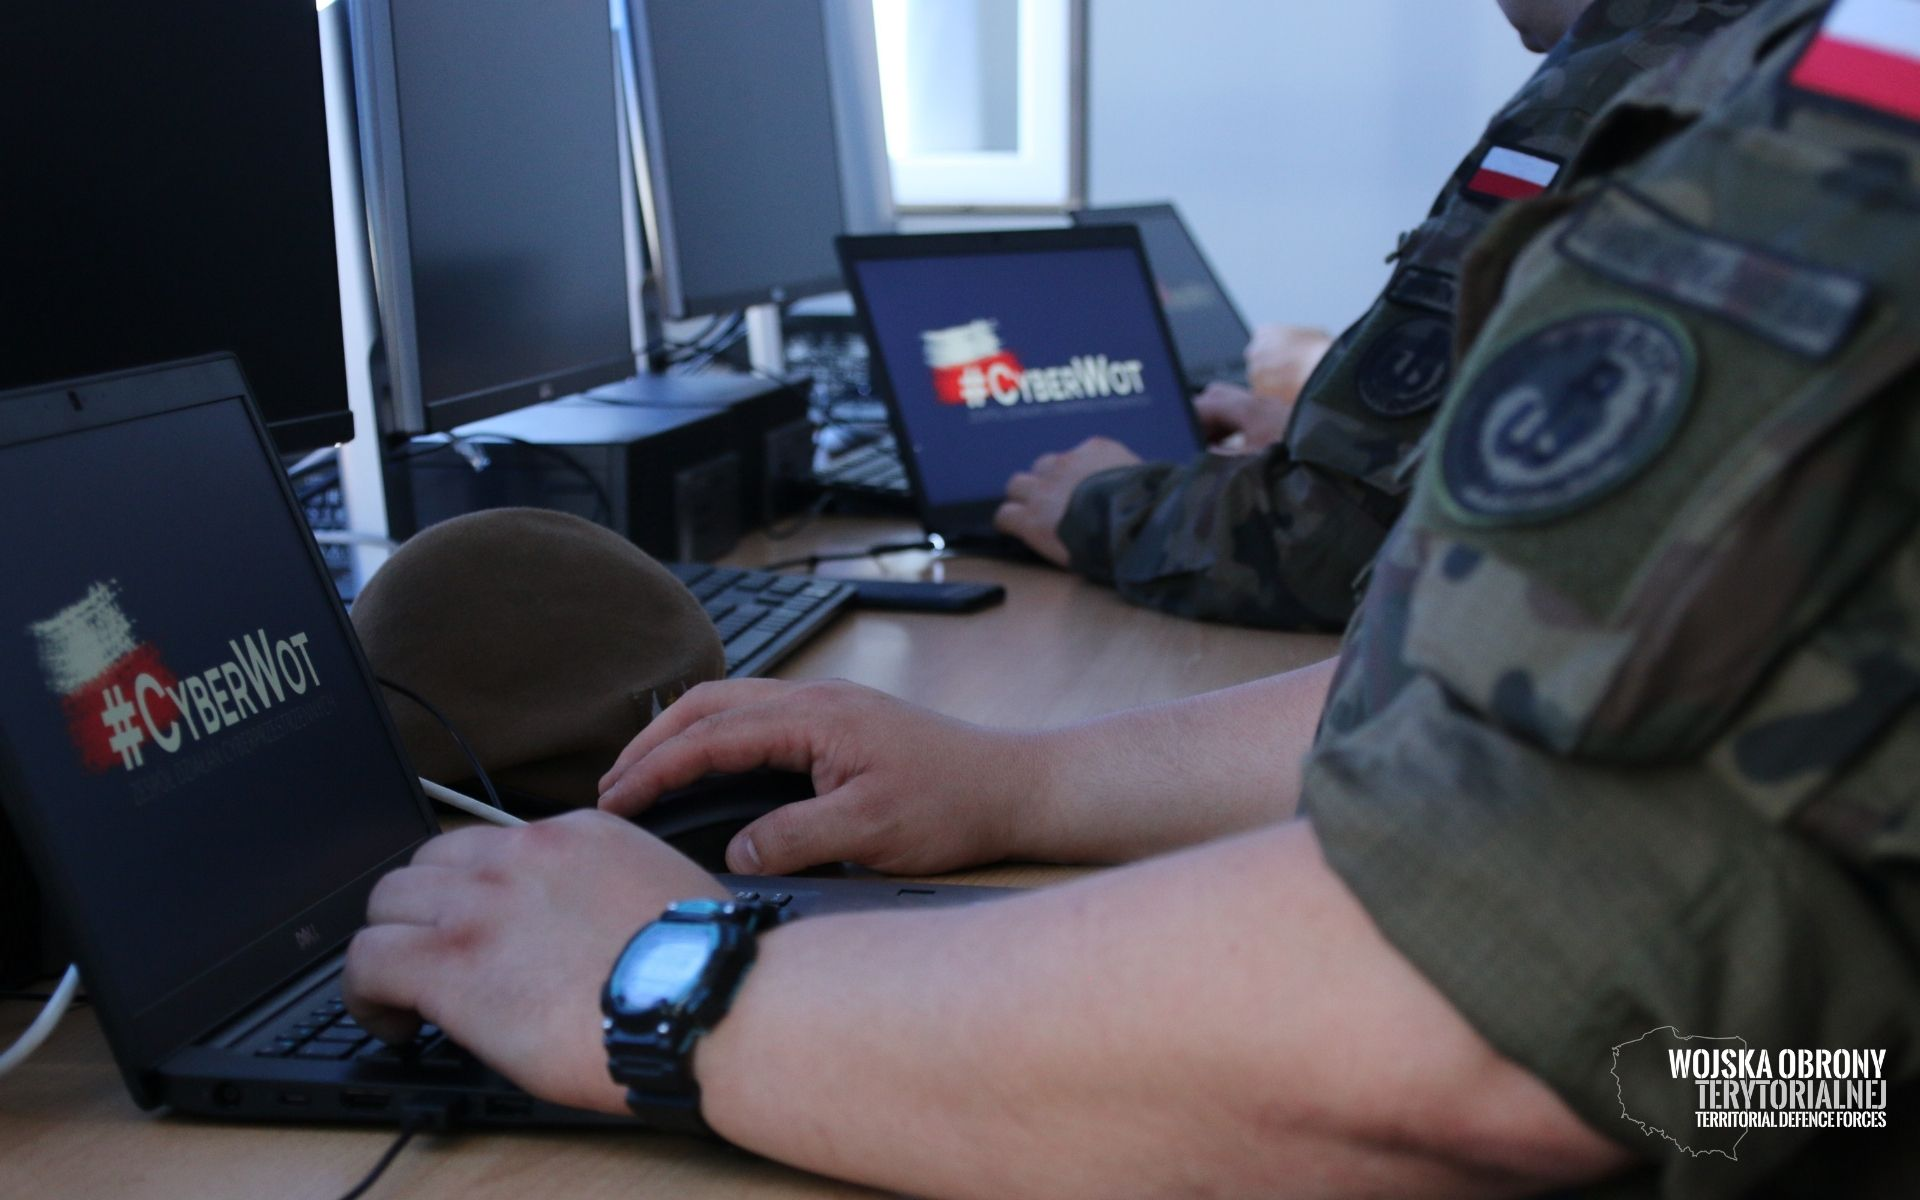 Województwo lubelskie: Terytorialsi chcą pomagać urzędom bronić się przed hakerami - Zdjęcie główne